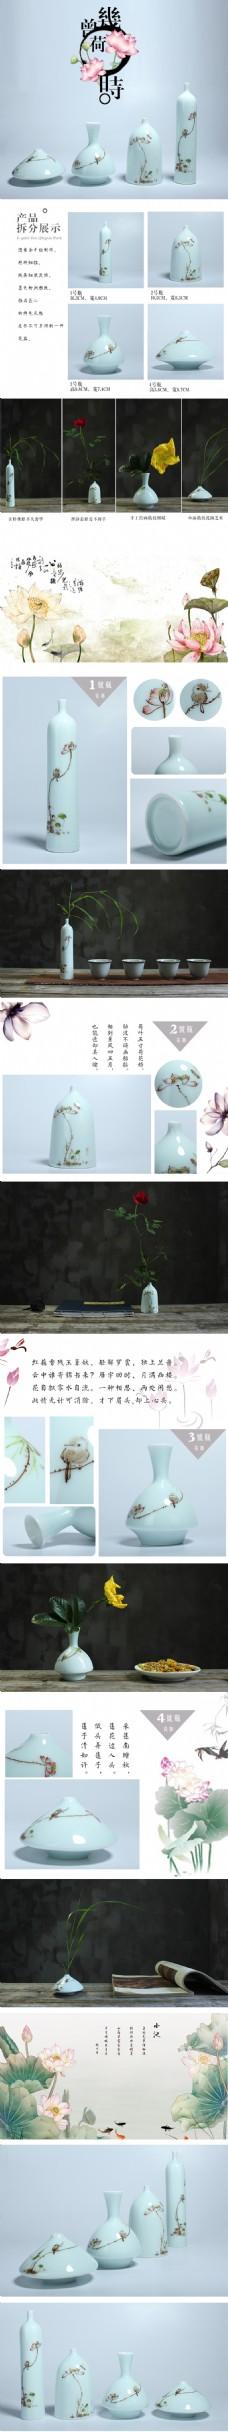 荷花陶瓷花器花瓶手绘详情psd复古